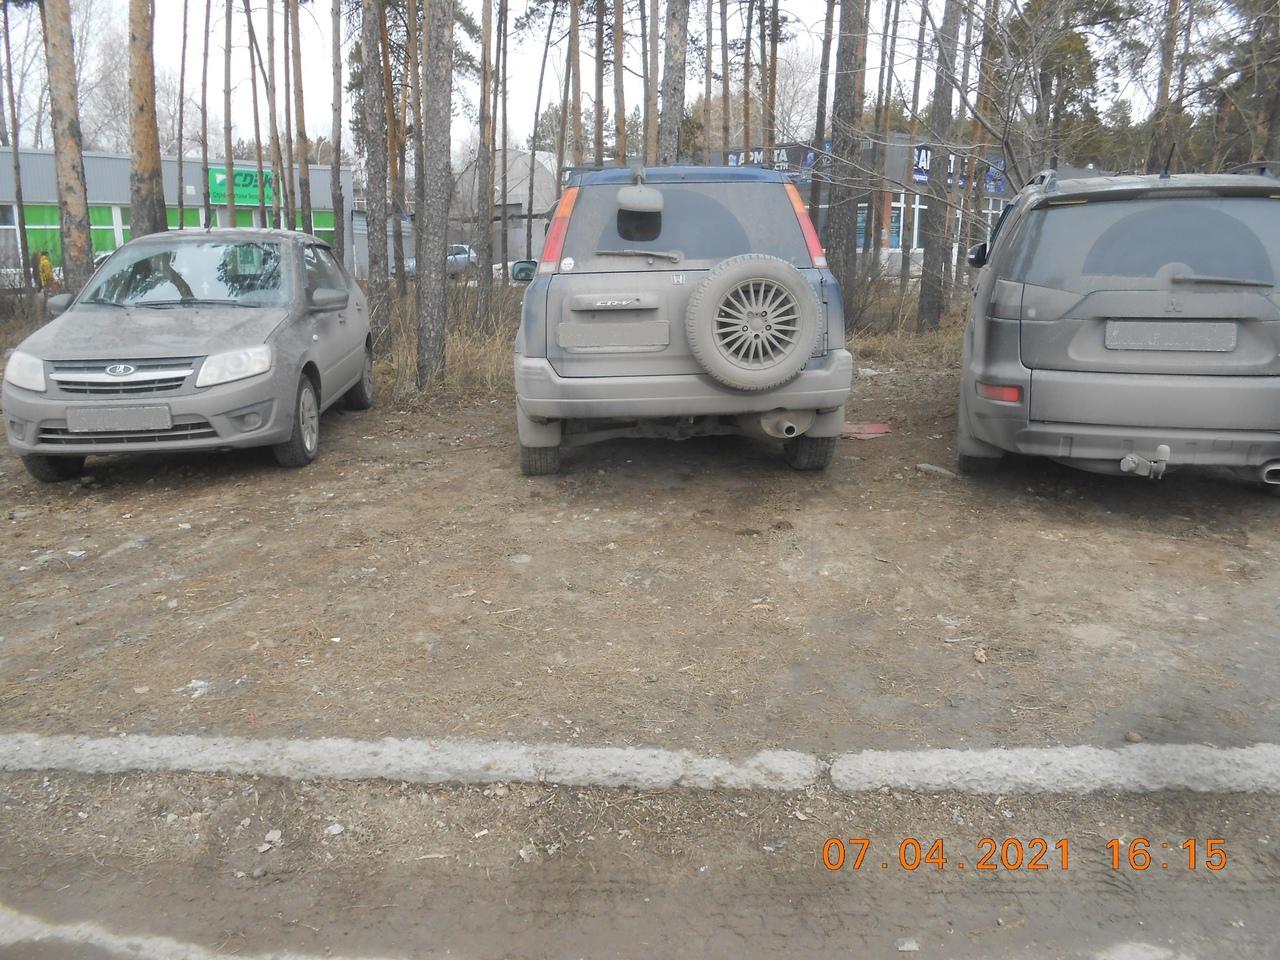 Парковка на газонах, детских и спортивных площадках запрещена